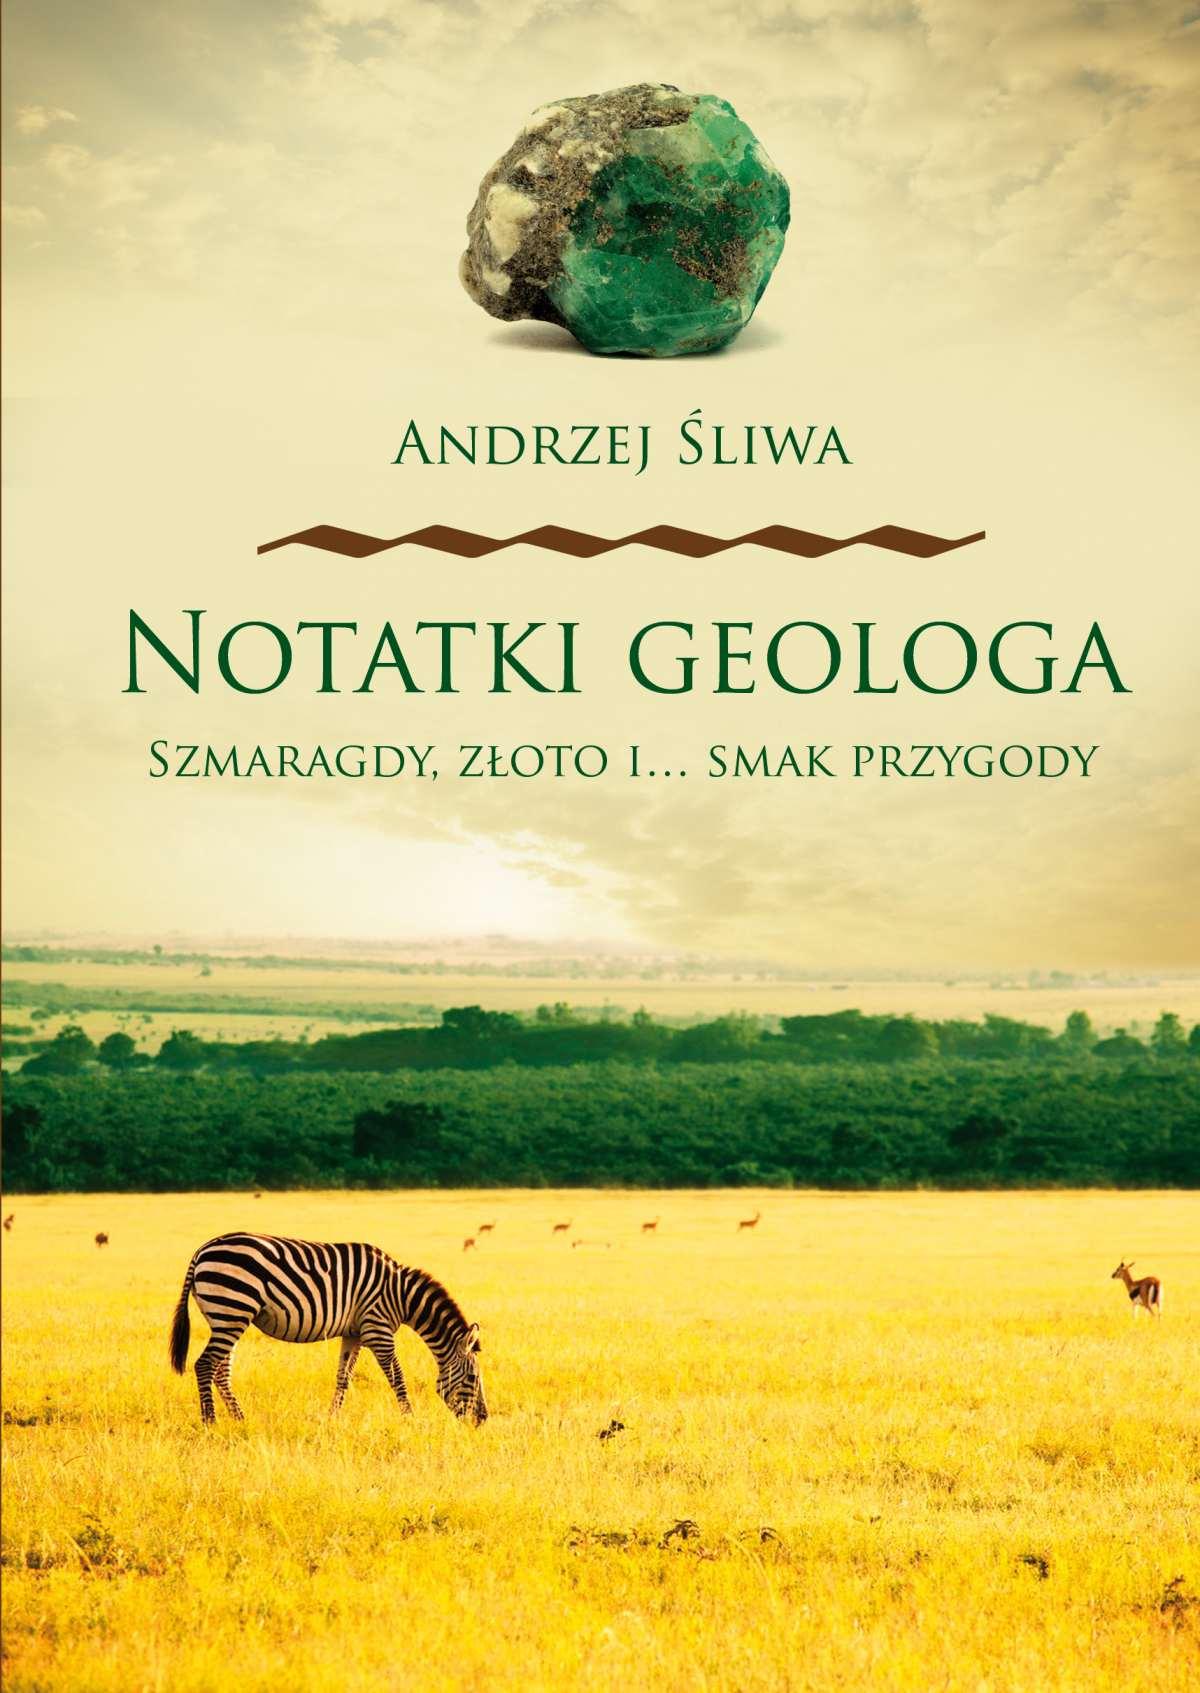 Notatki geologa. Szmaragdy, złoto i… smak przygody - Ebook (Książka na Kindle) do pobrania w formacie MOBI